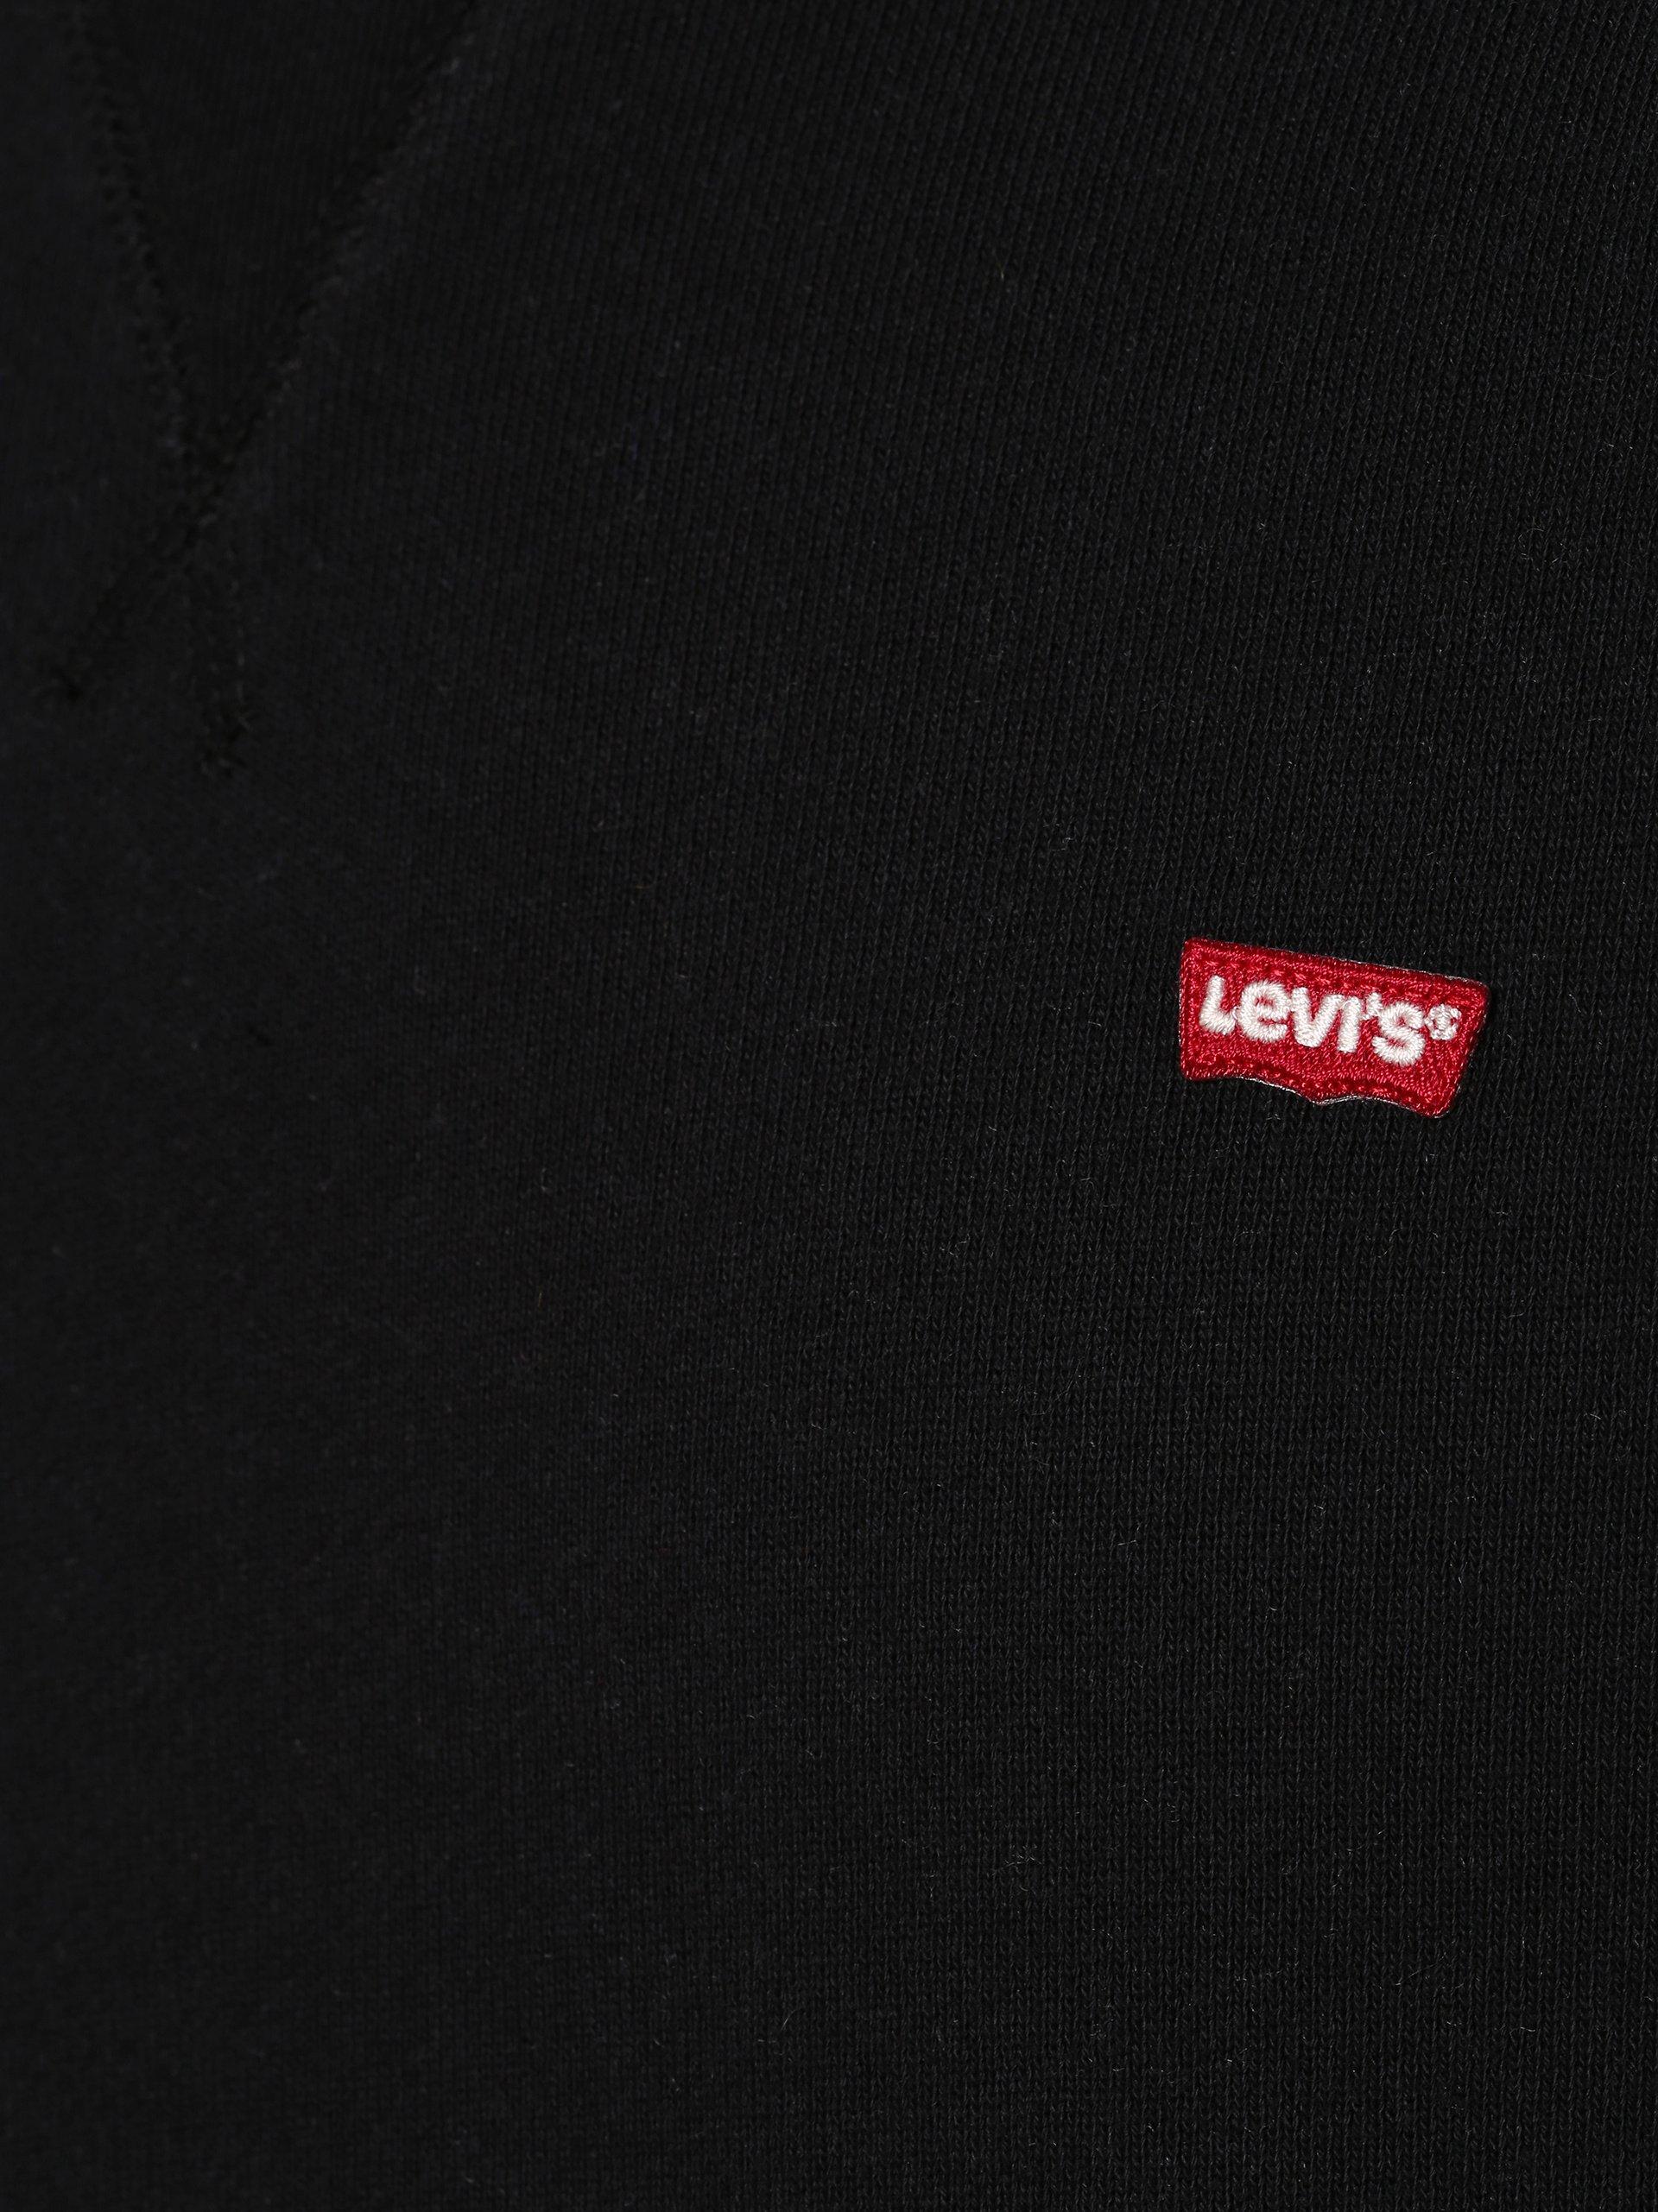 Levi\'s Herren Sweatshirt